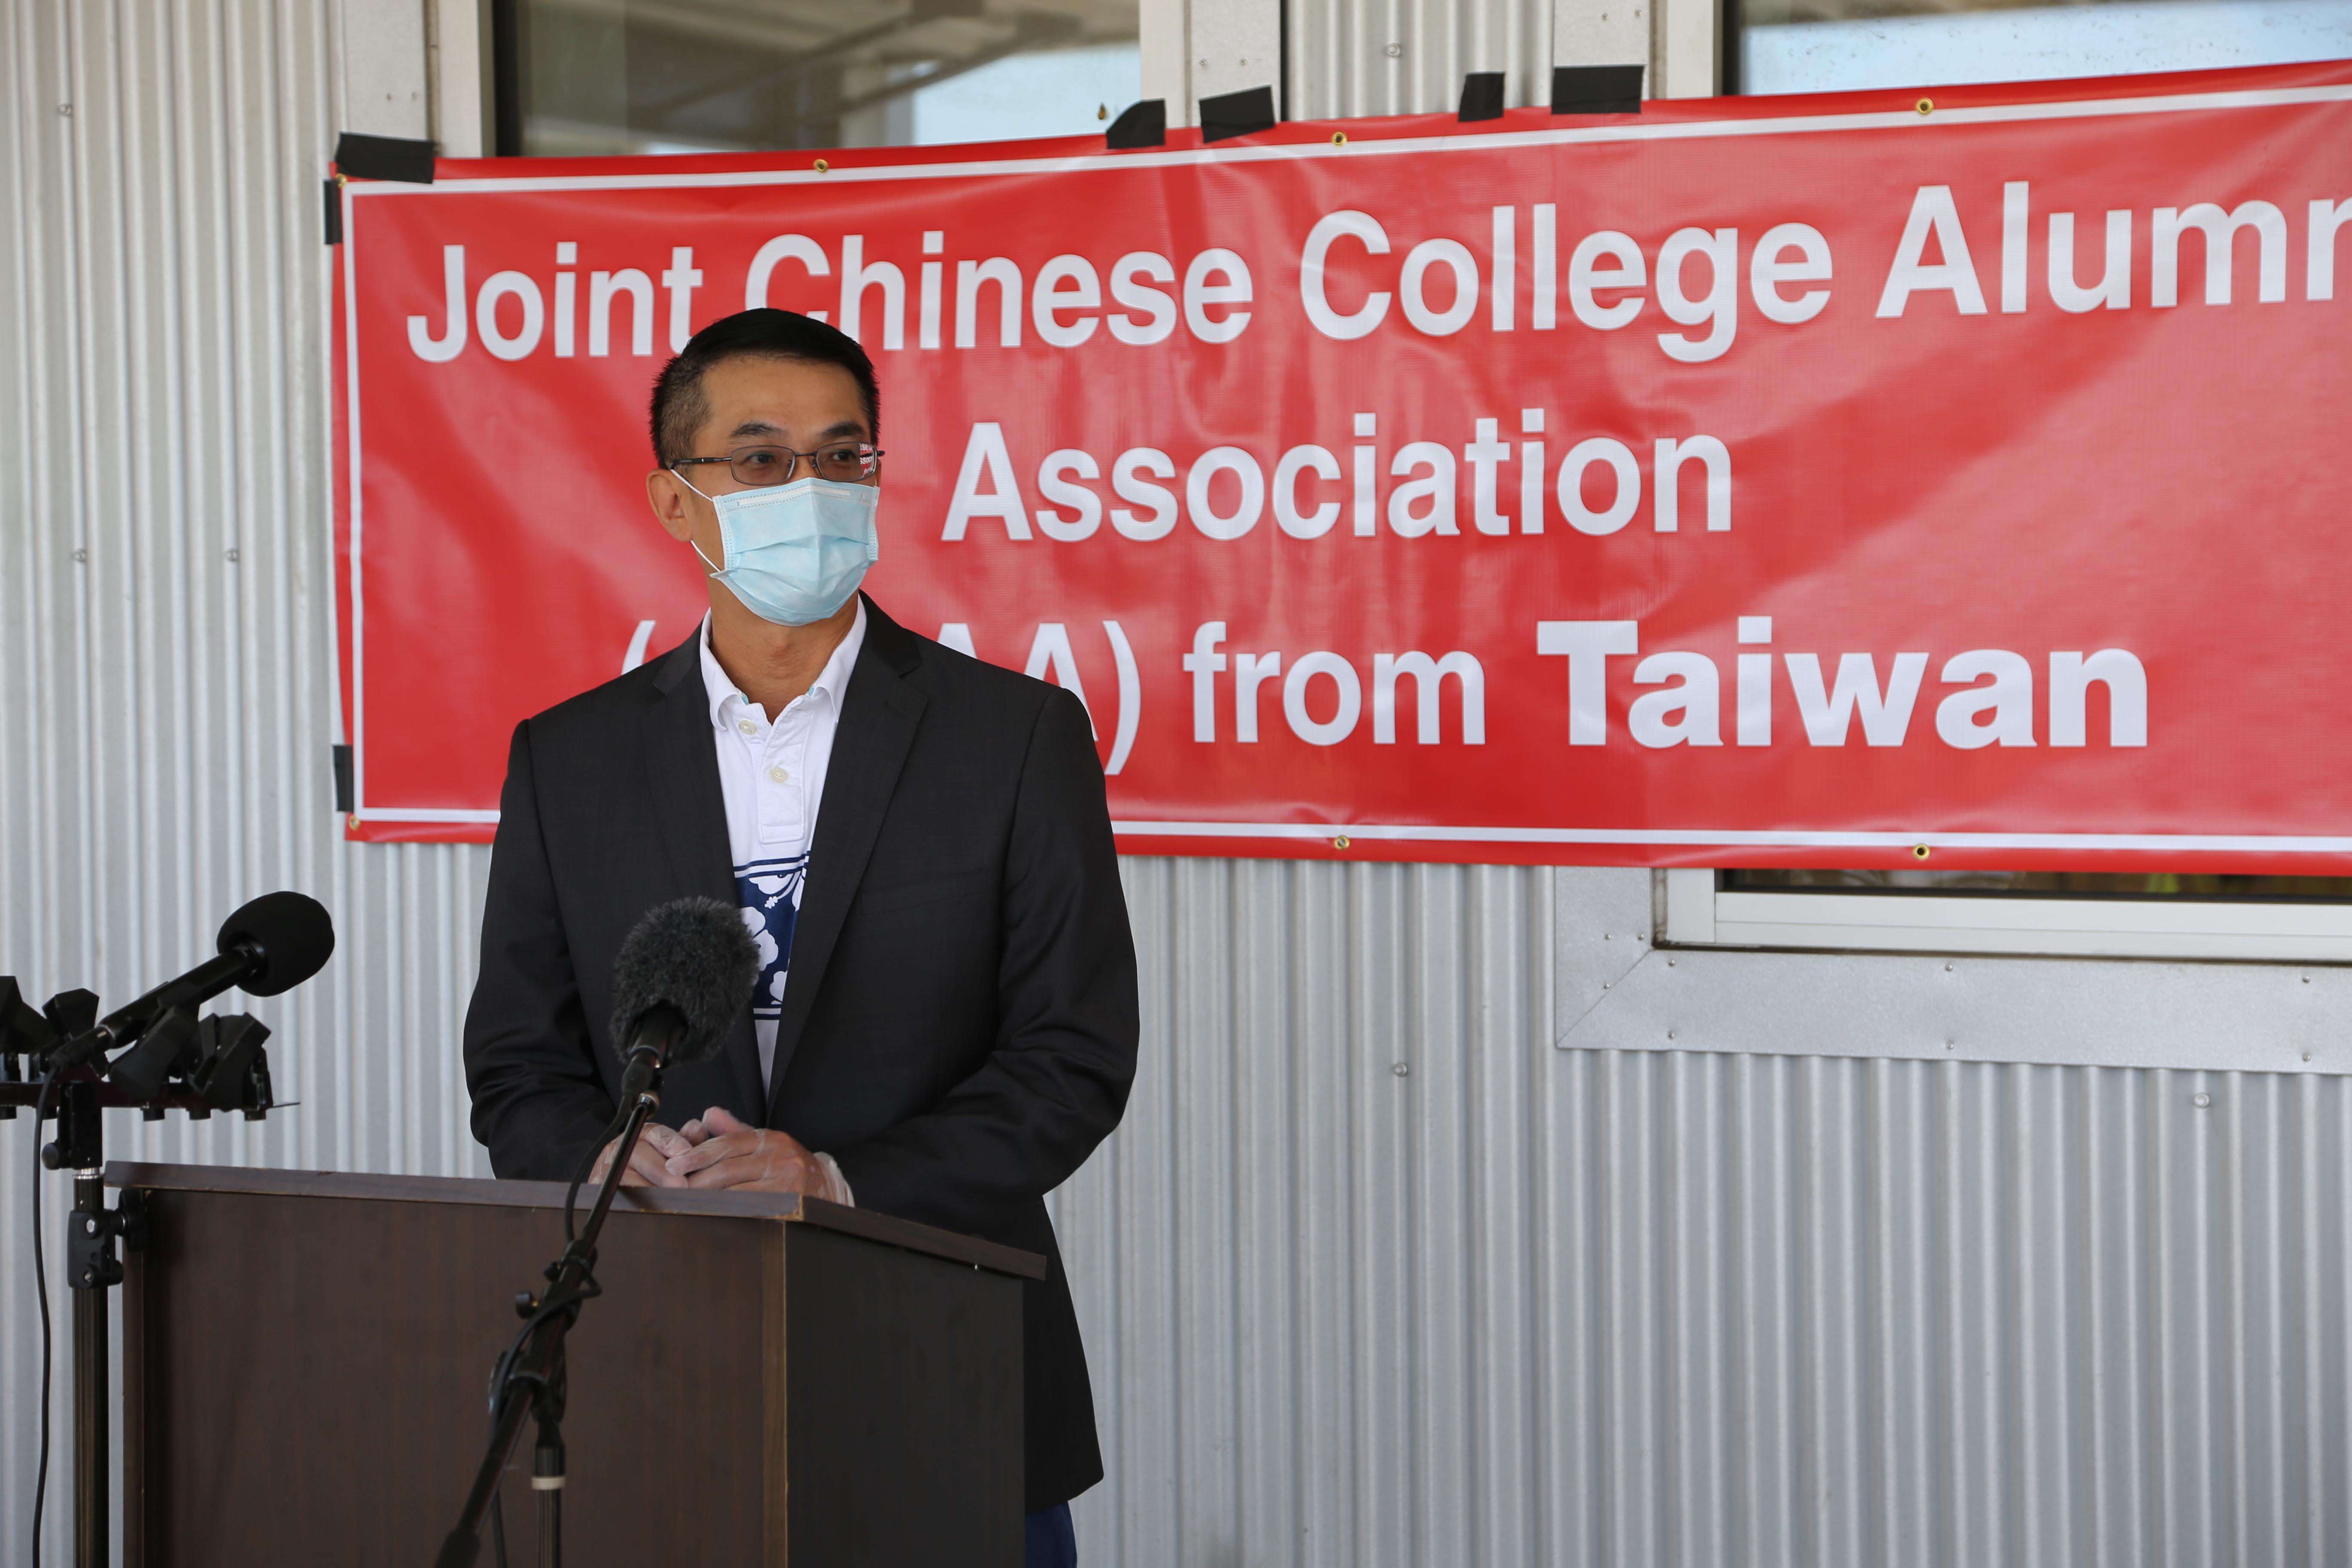 駐休士頓台北經文處處長陳家彥致詞表示,在公衛的議題上,台灣可以提供幫助。